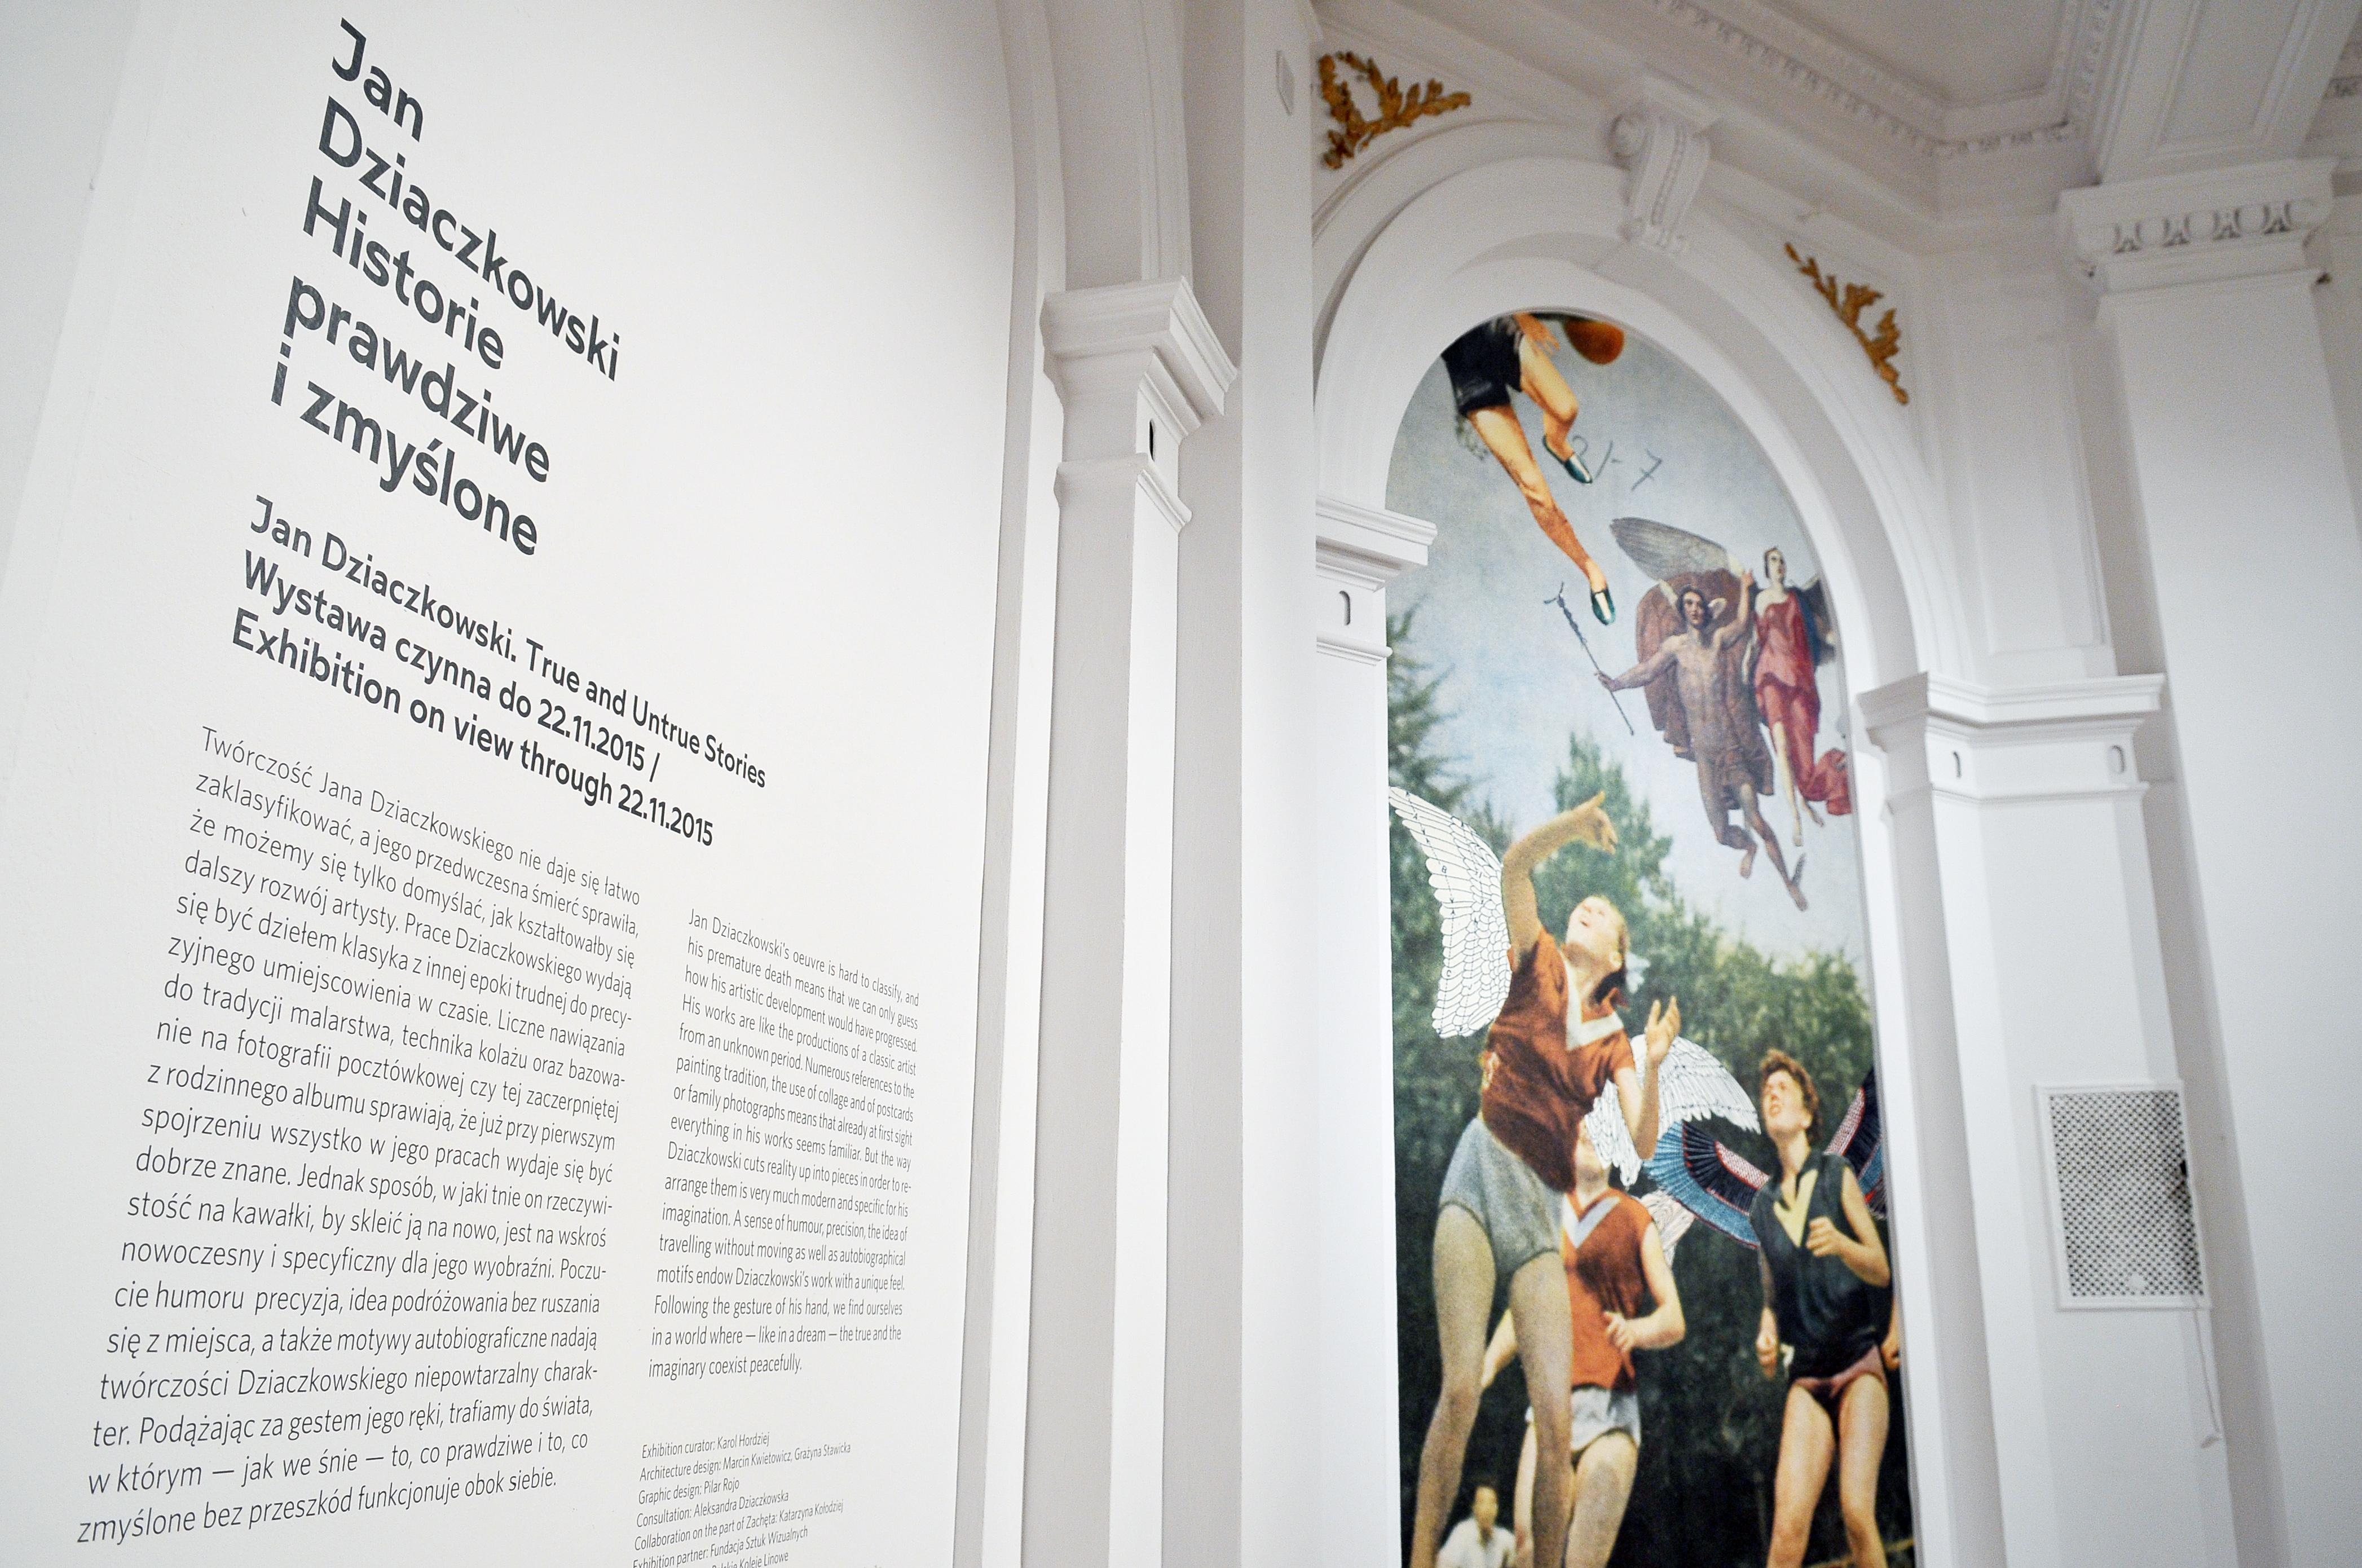 06-10-2015  Jan Dziaczkowski  exhibition in Zachêta – National Gallery of Art